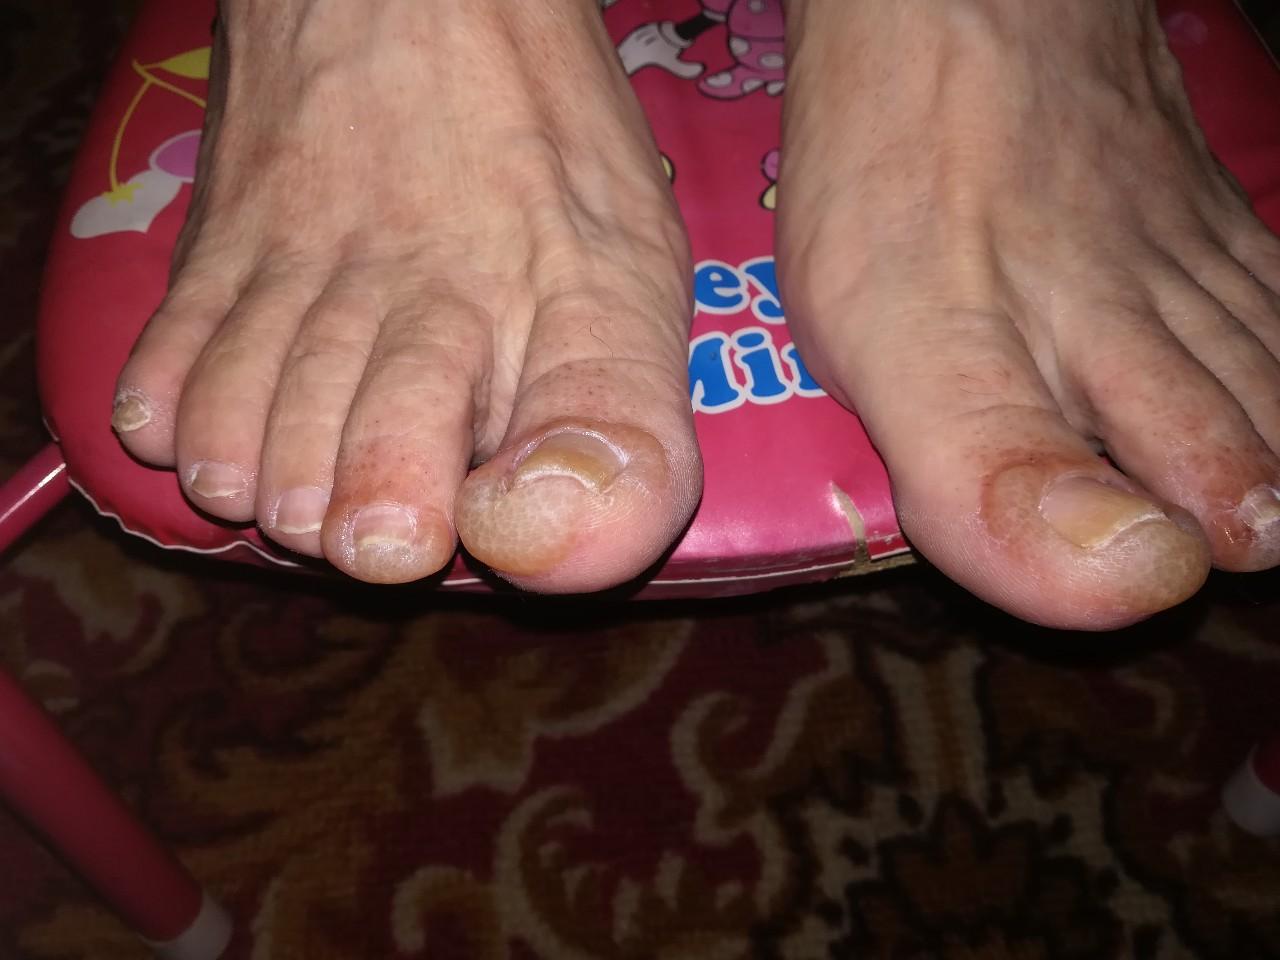 Член между пальцев ног фото, Дрочит хуй ногами увлекательное порно фото порева 2 фотография